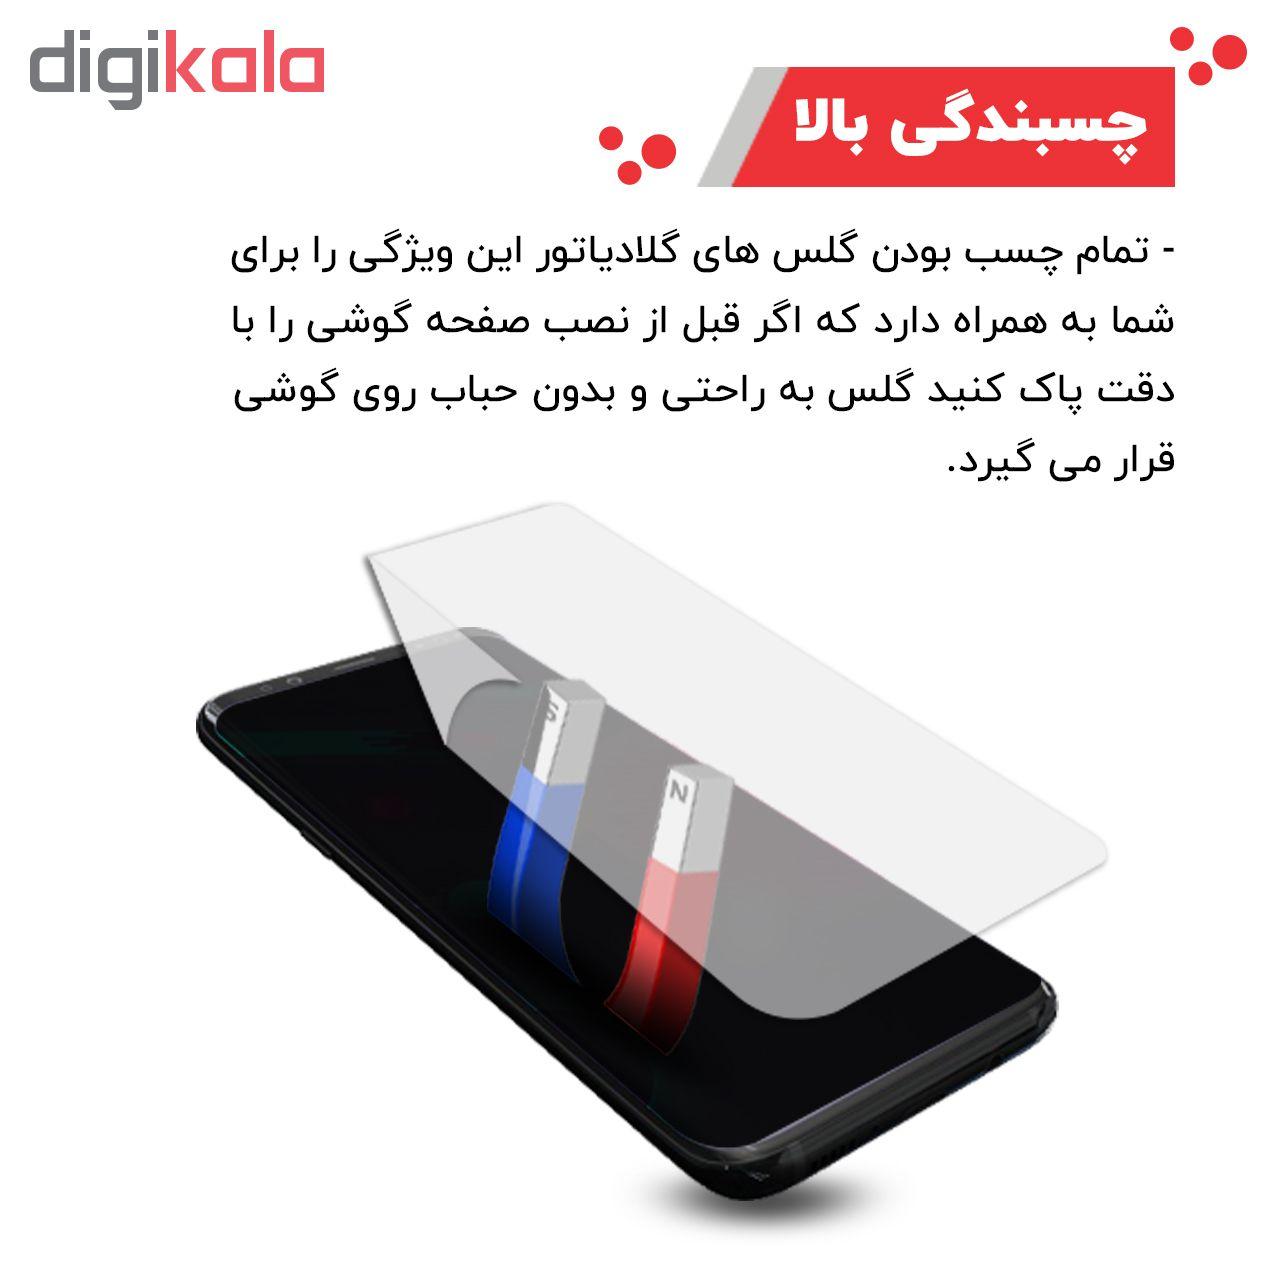 محافظ صفحه نمایش گلادیاتور مدل GLH2000 مناسب برای گوشی موبایل هوآوی Y7 Prime 2019 بسته دو عددی main 1 4